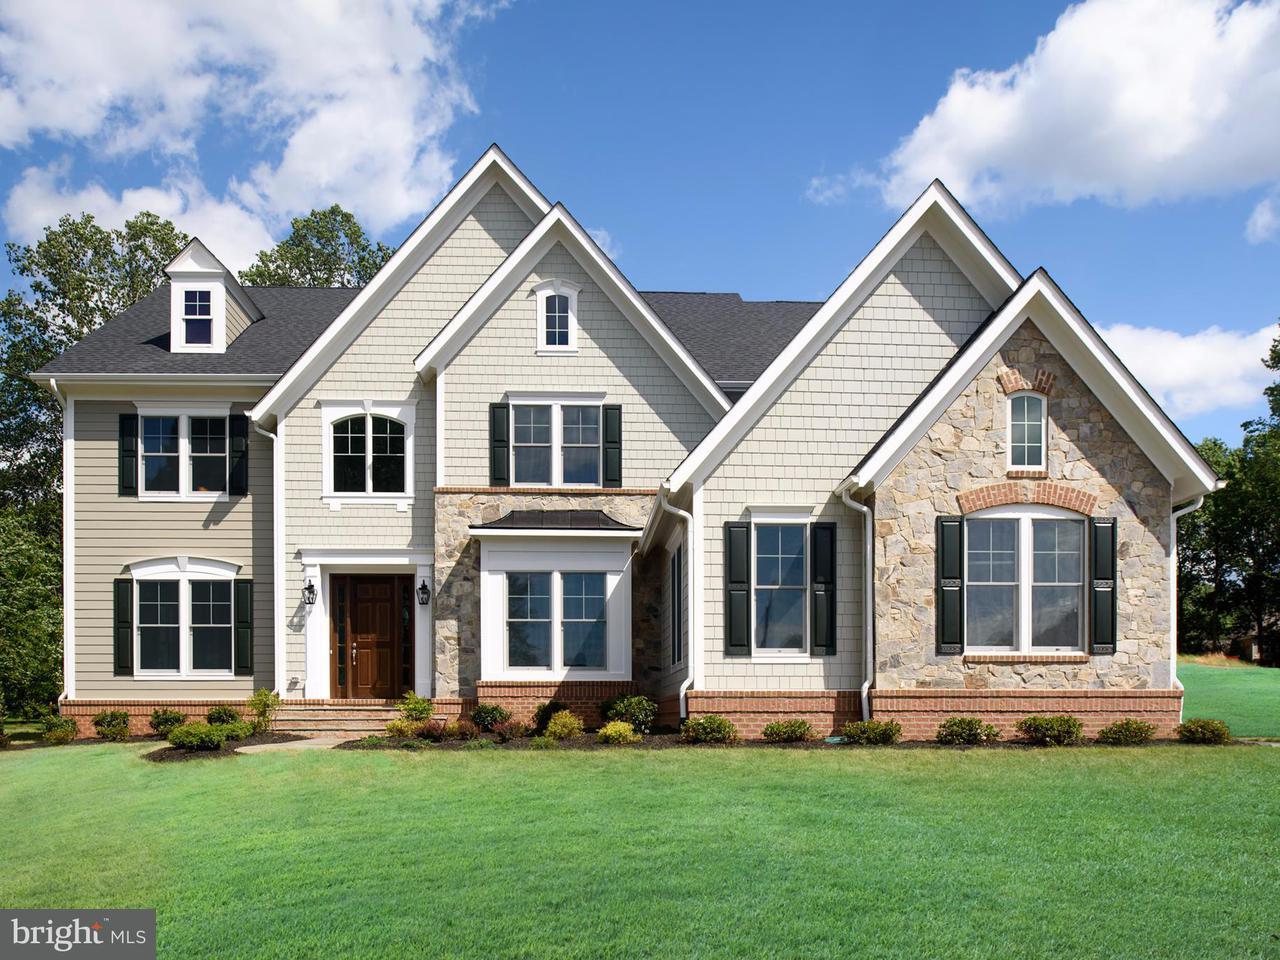 단독 가정 주택 용 매매 에 11005 TRADEWIND Drive 11005 TRADEWIND Drive Oakton, 버지니아 22124 미국